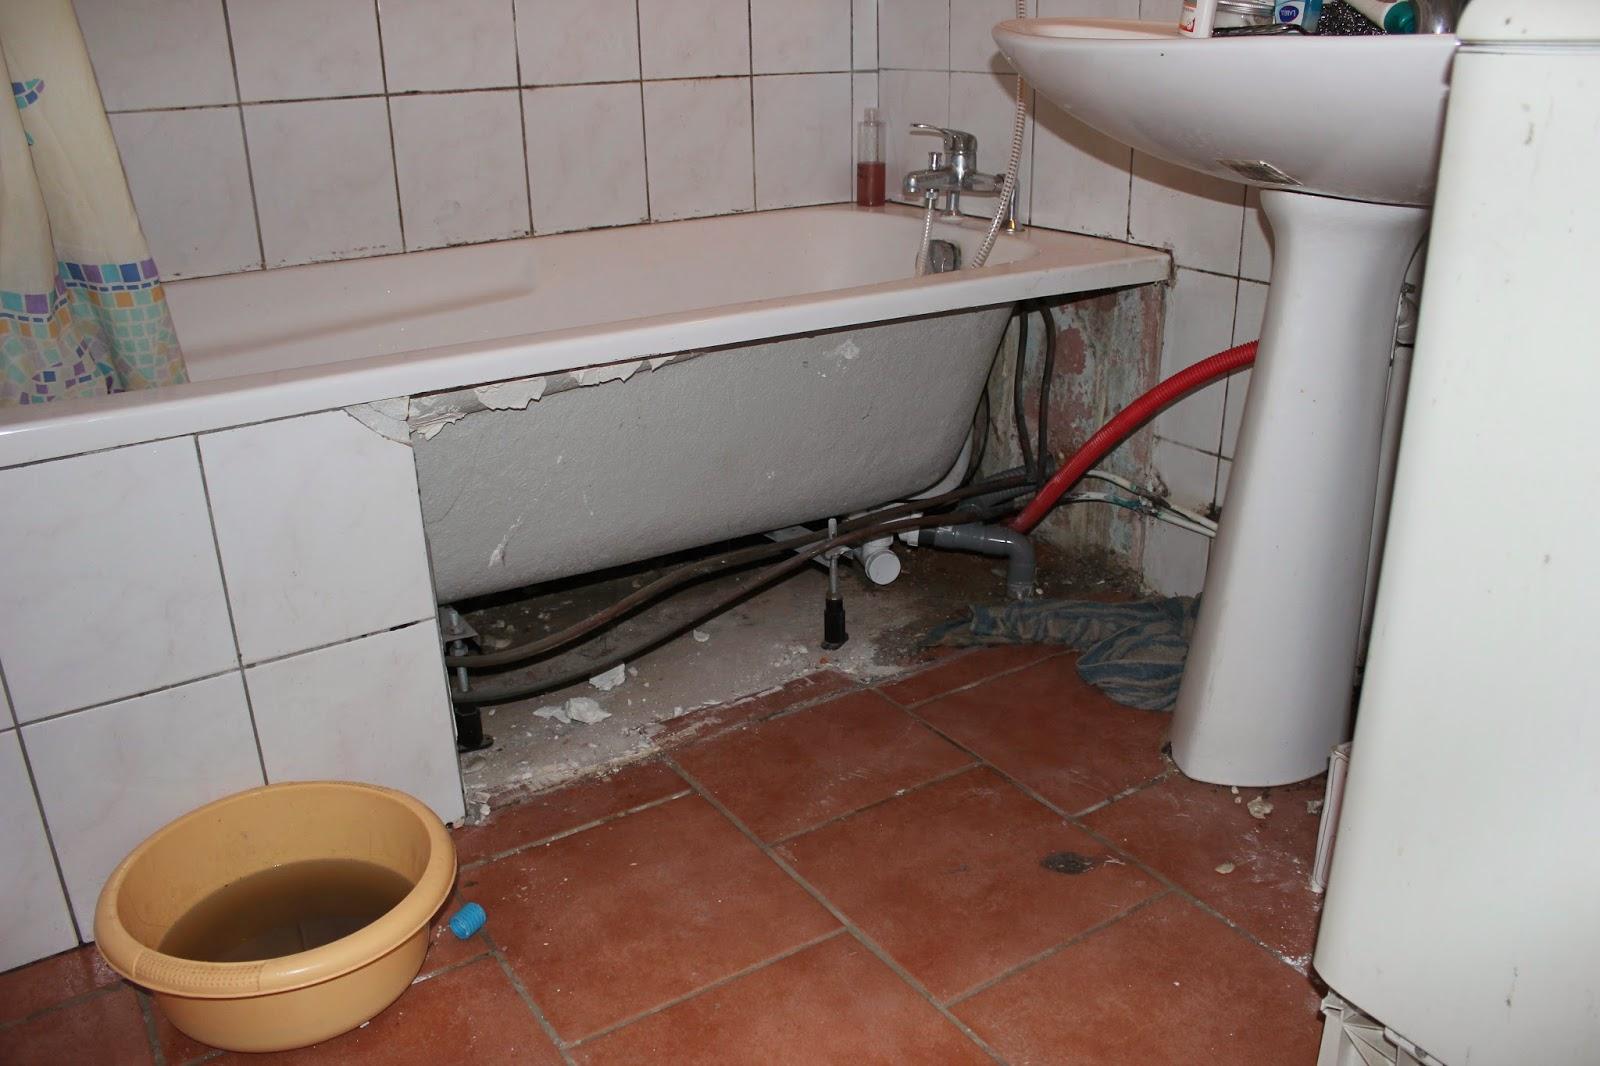 Cache tuyau salle de bain cache tuyau salle de bain frais salle de bains la maison du sart les - Tuyau salle de bain ...